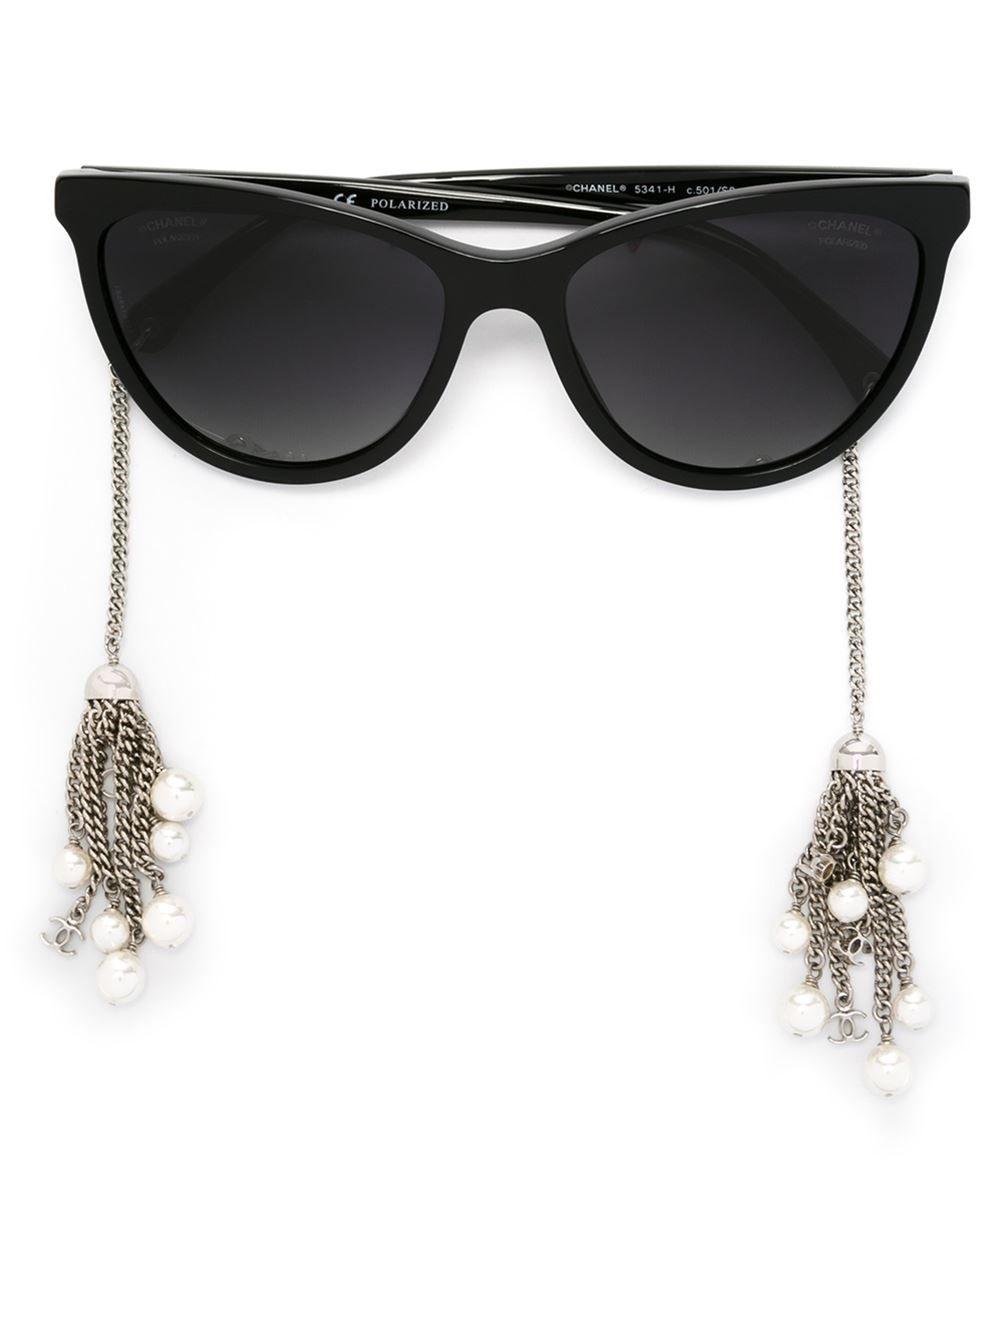 57fadd9579b Comprar Chanel gafas de sol